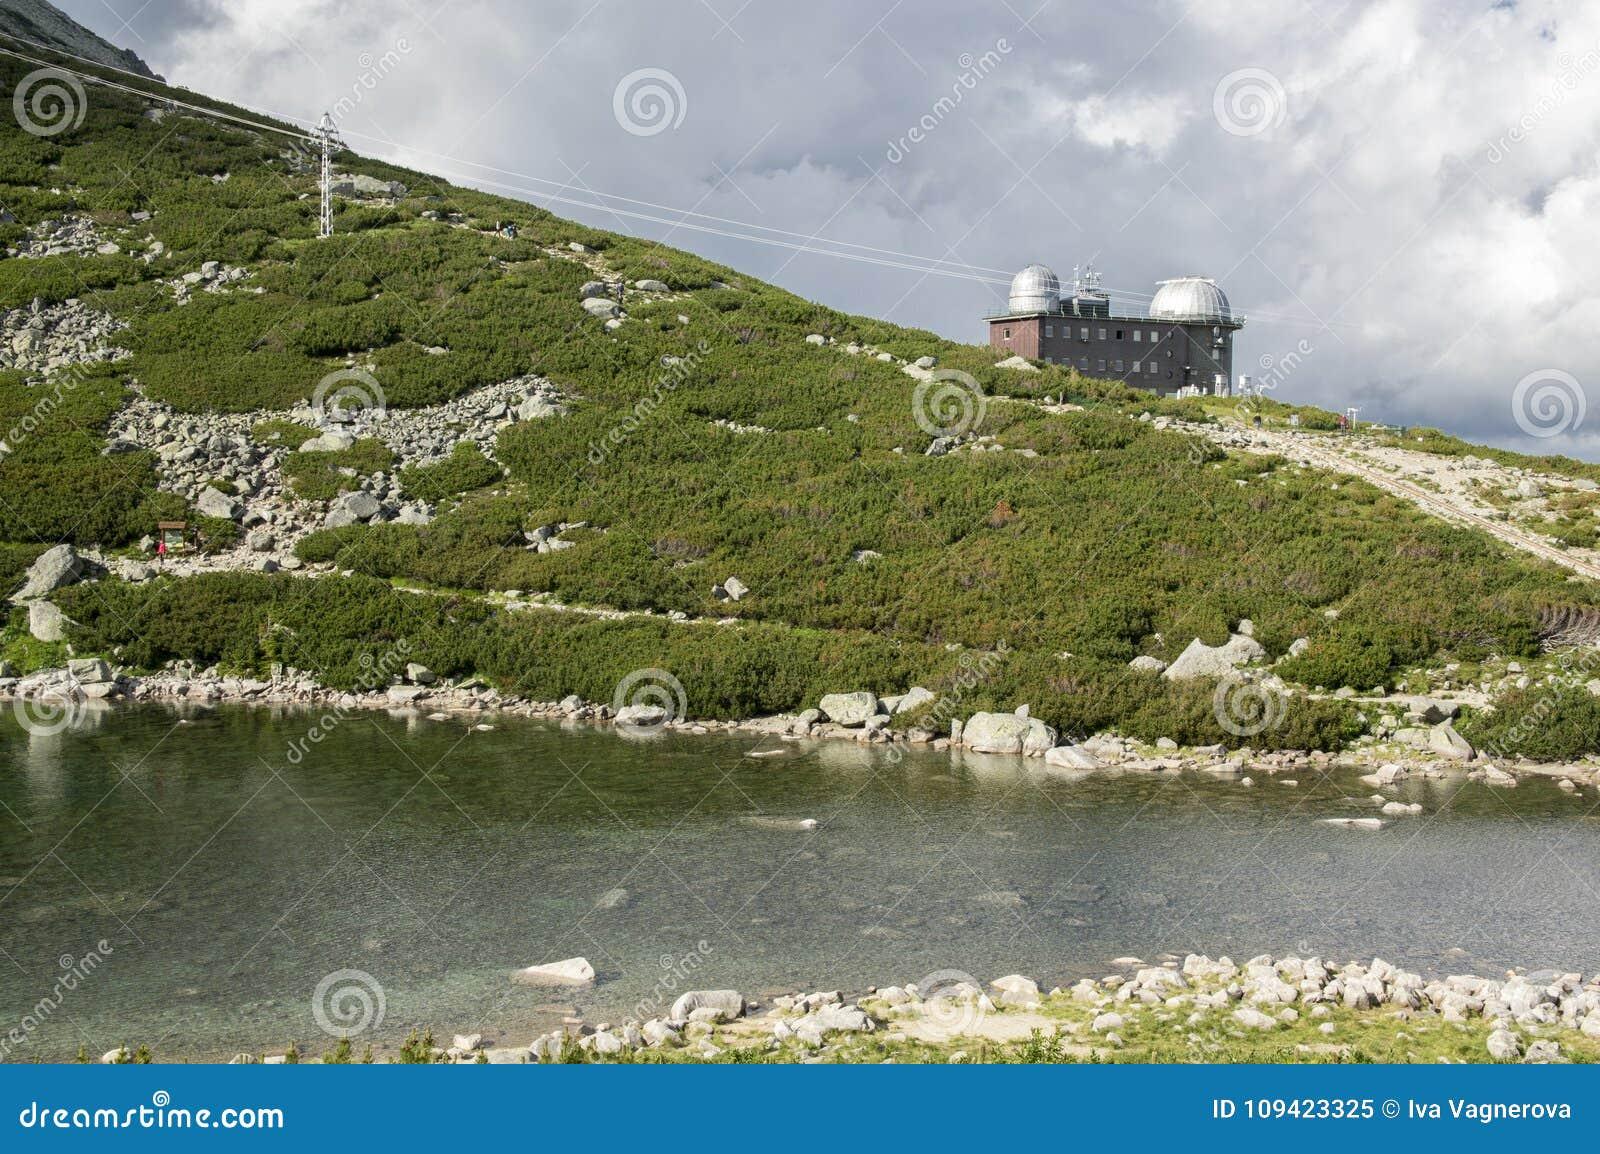 冰碛抑制了湖Tatra山的名为Skalnate pleso,天文学和meteoroligical观测所,斯洛伐克